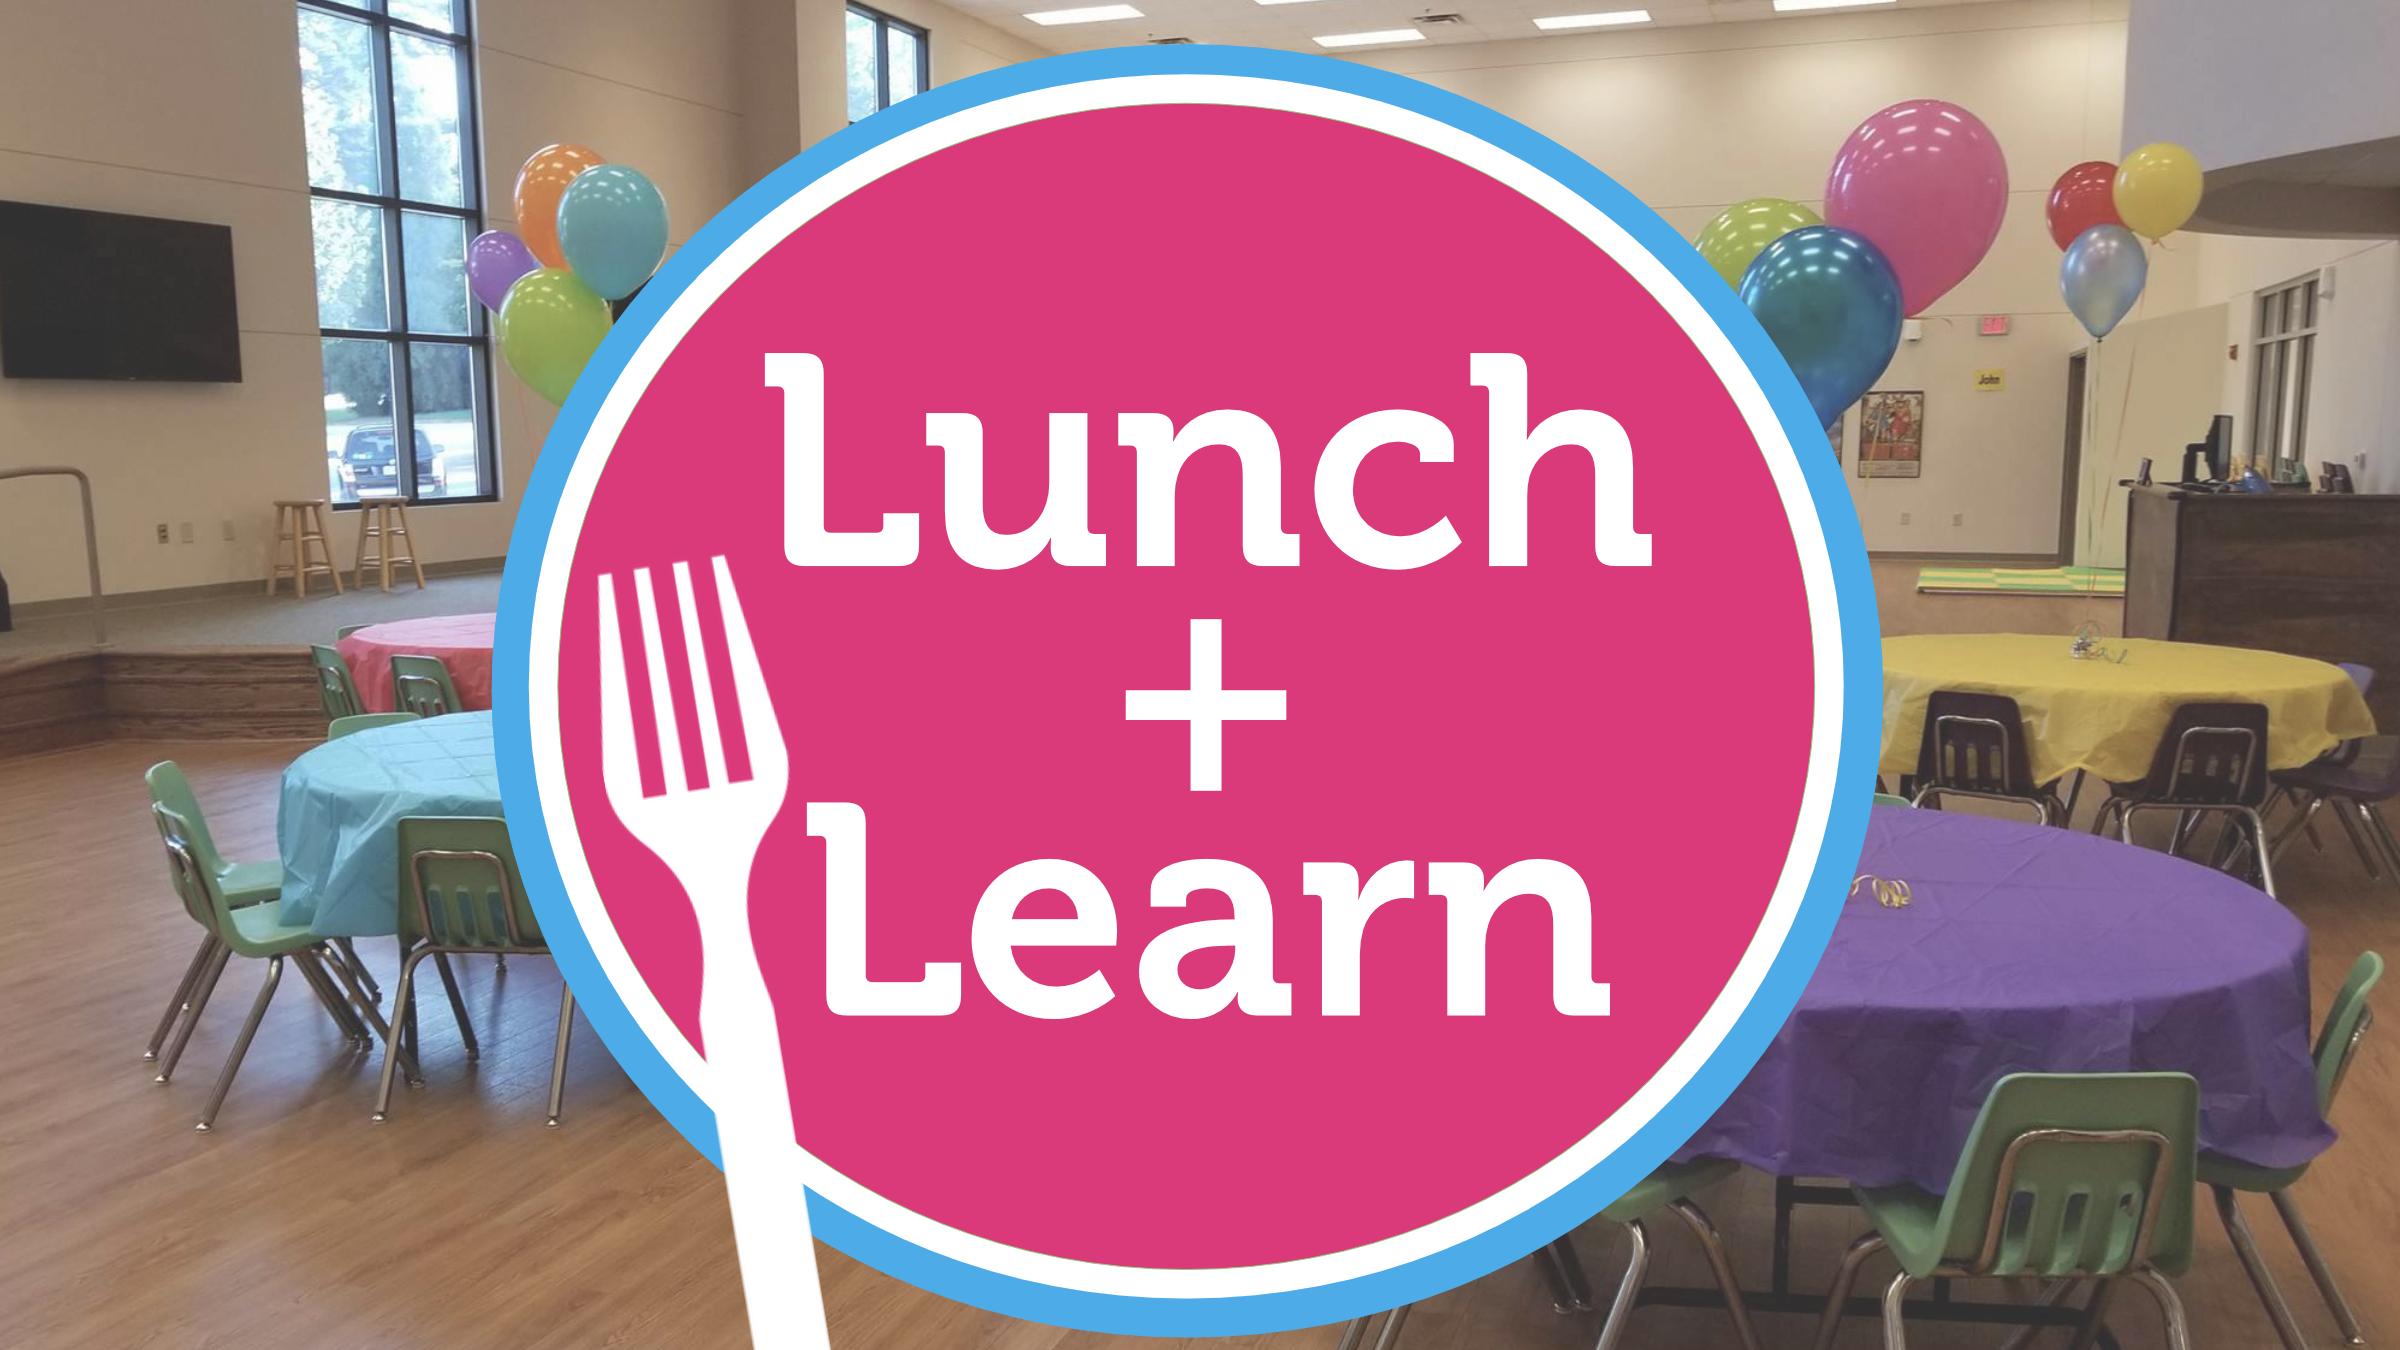 Lunch + Learn 16x9.jpg